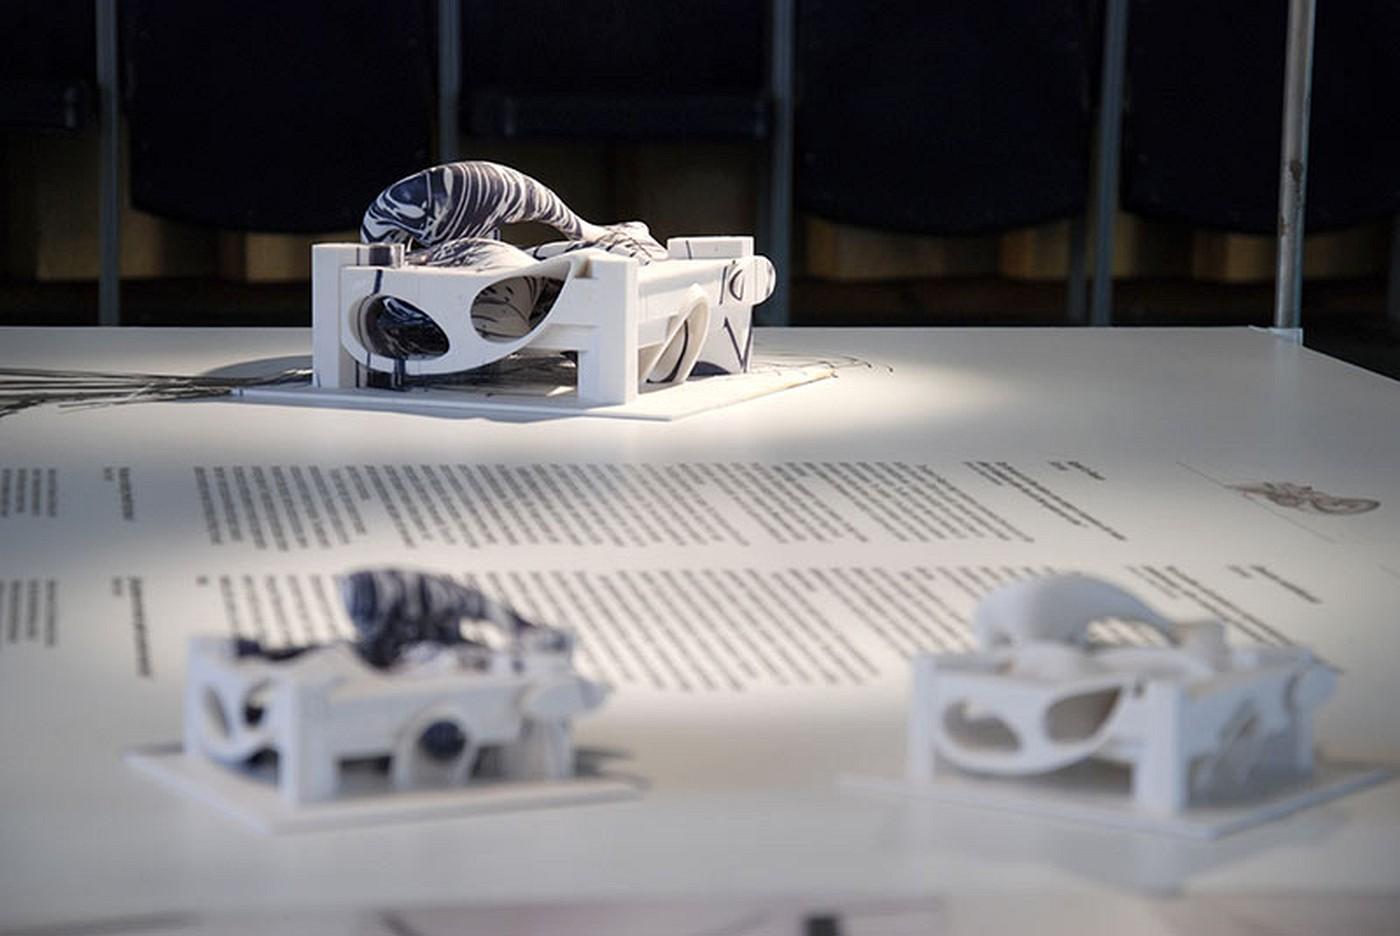 Digital Design in Zbrush workshop | FlyingArchitecture